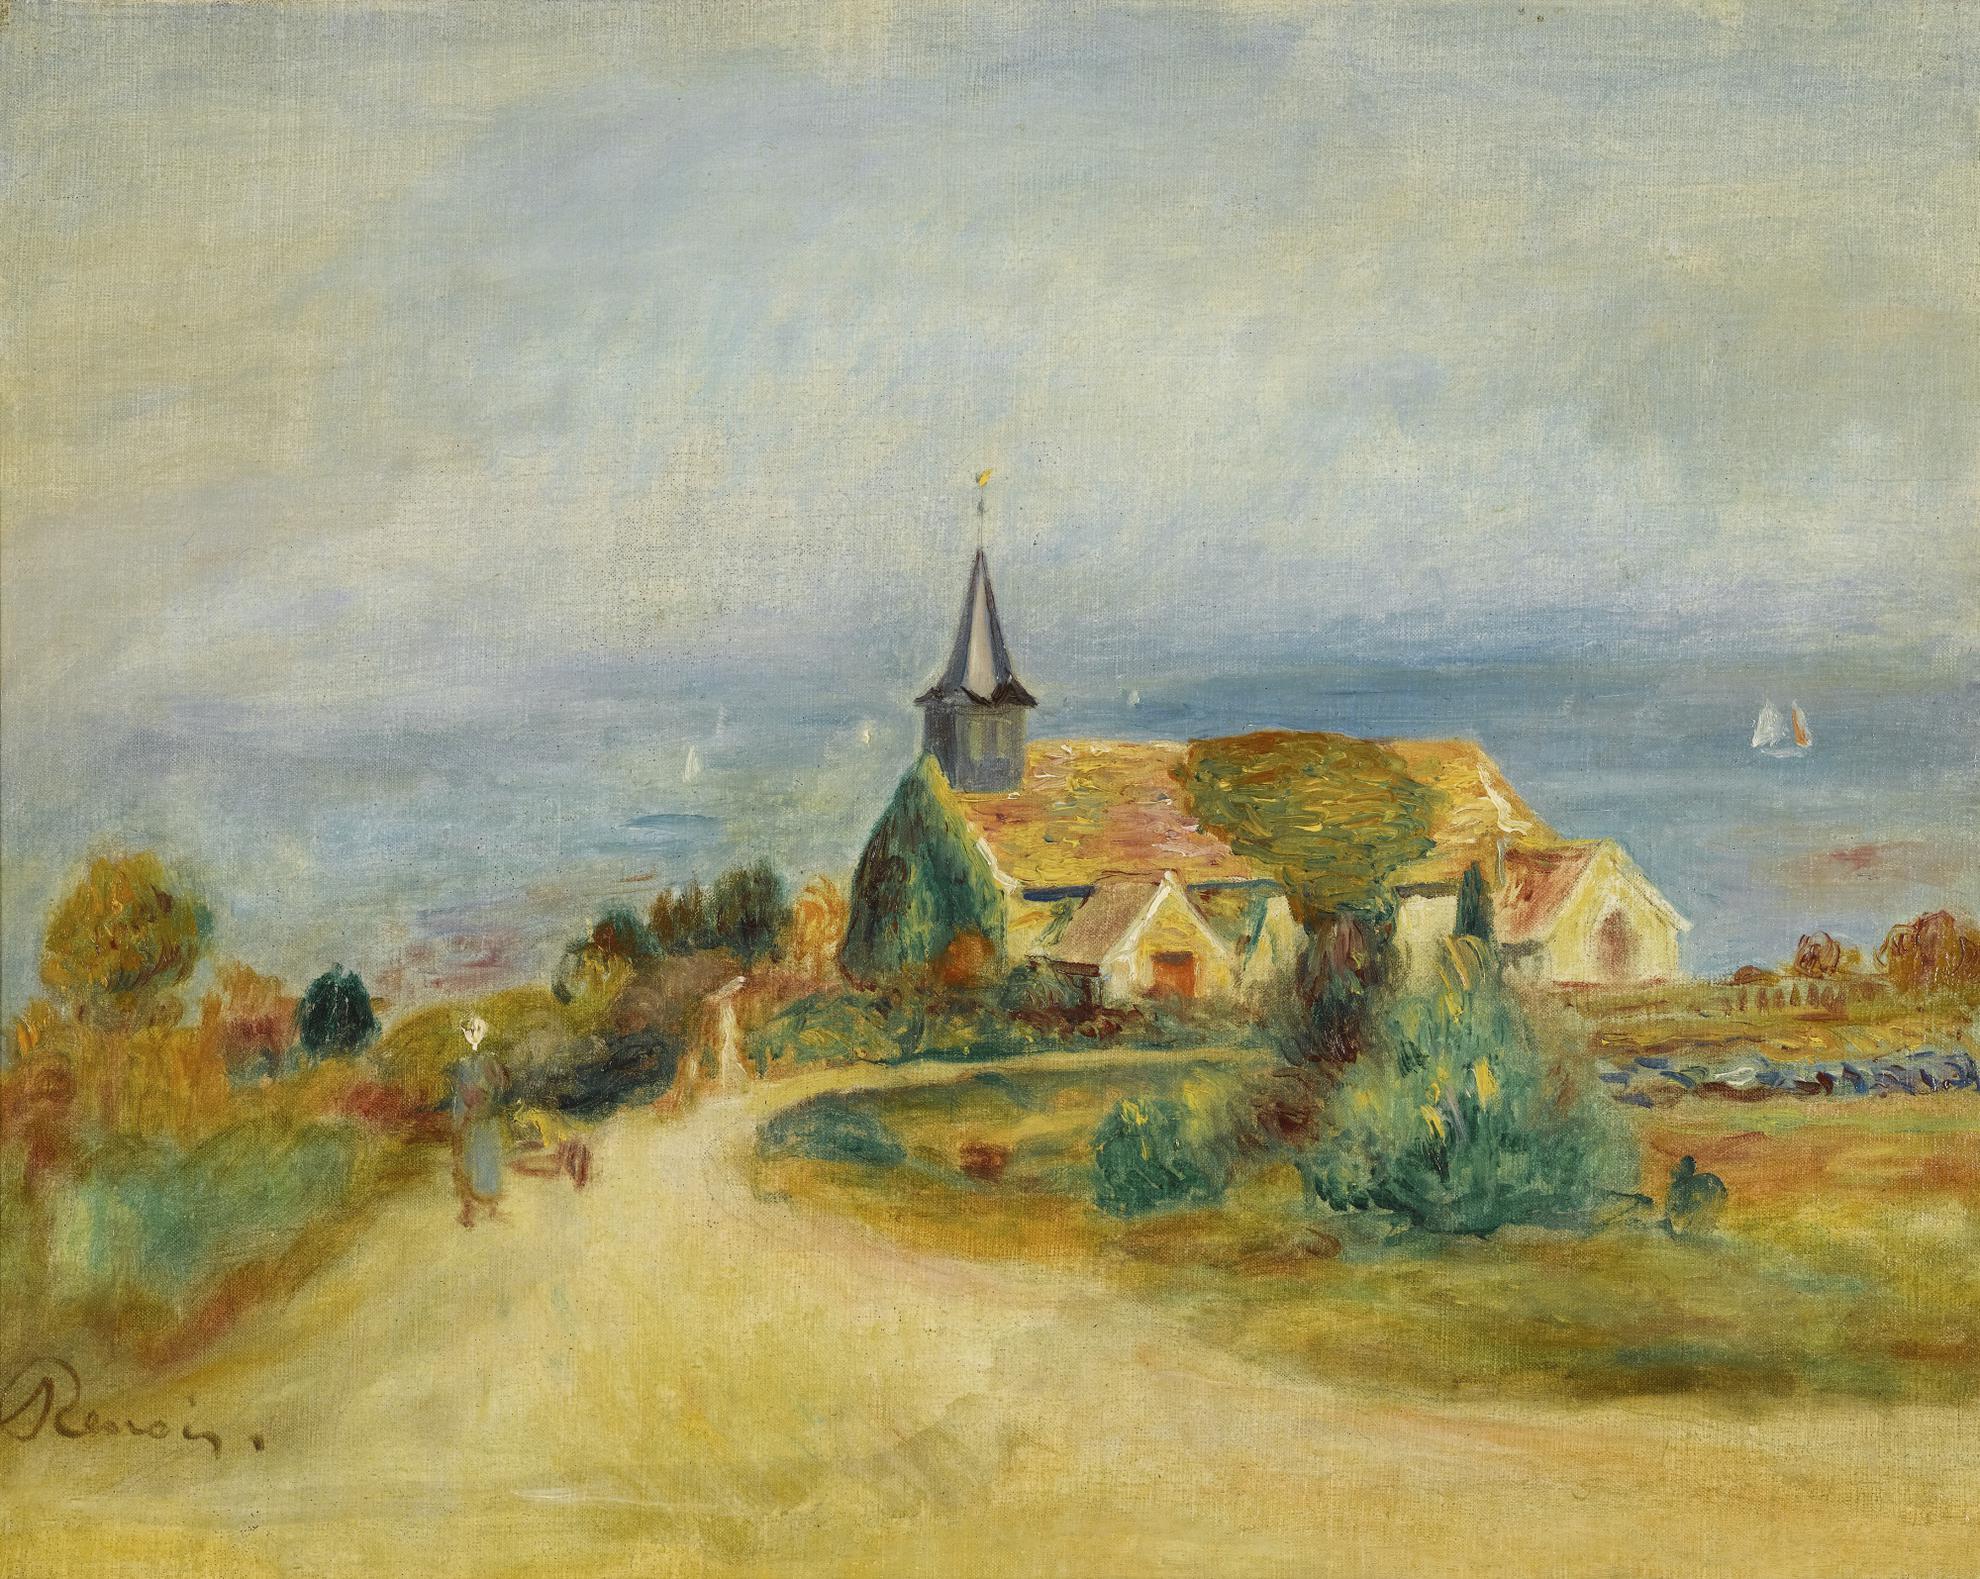 Pierre-Auguste Renoir-Village Au Bord De La Mer - Leglise A Varengeville-1880